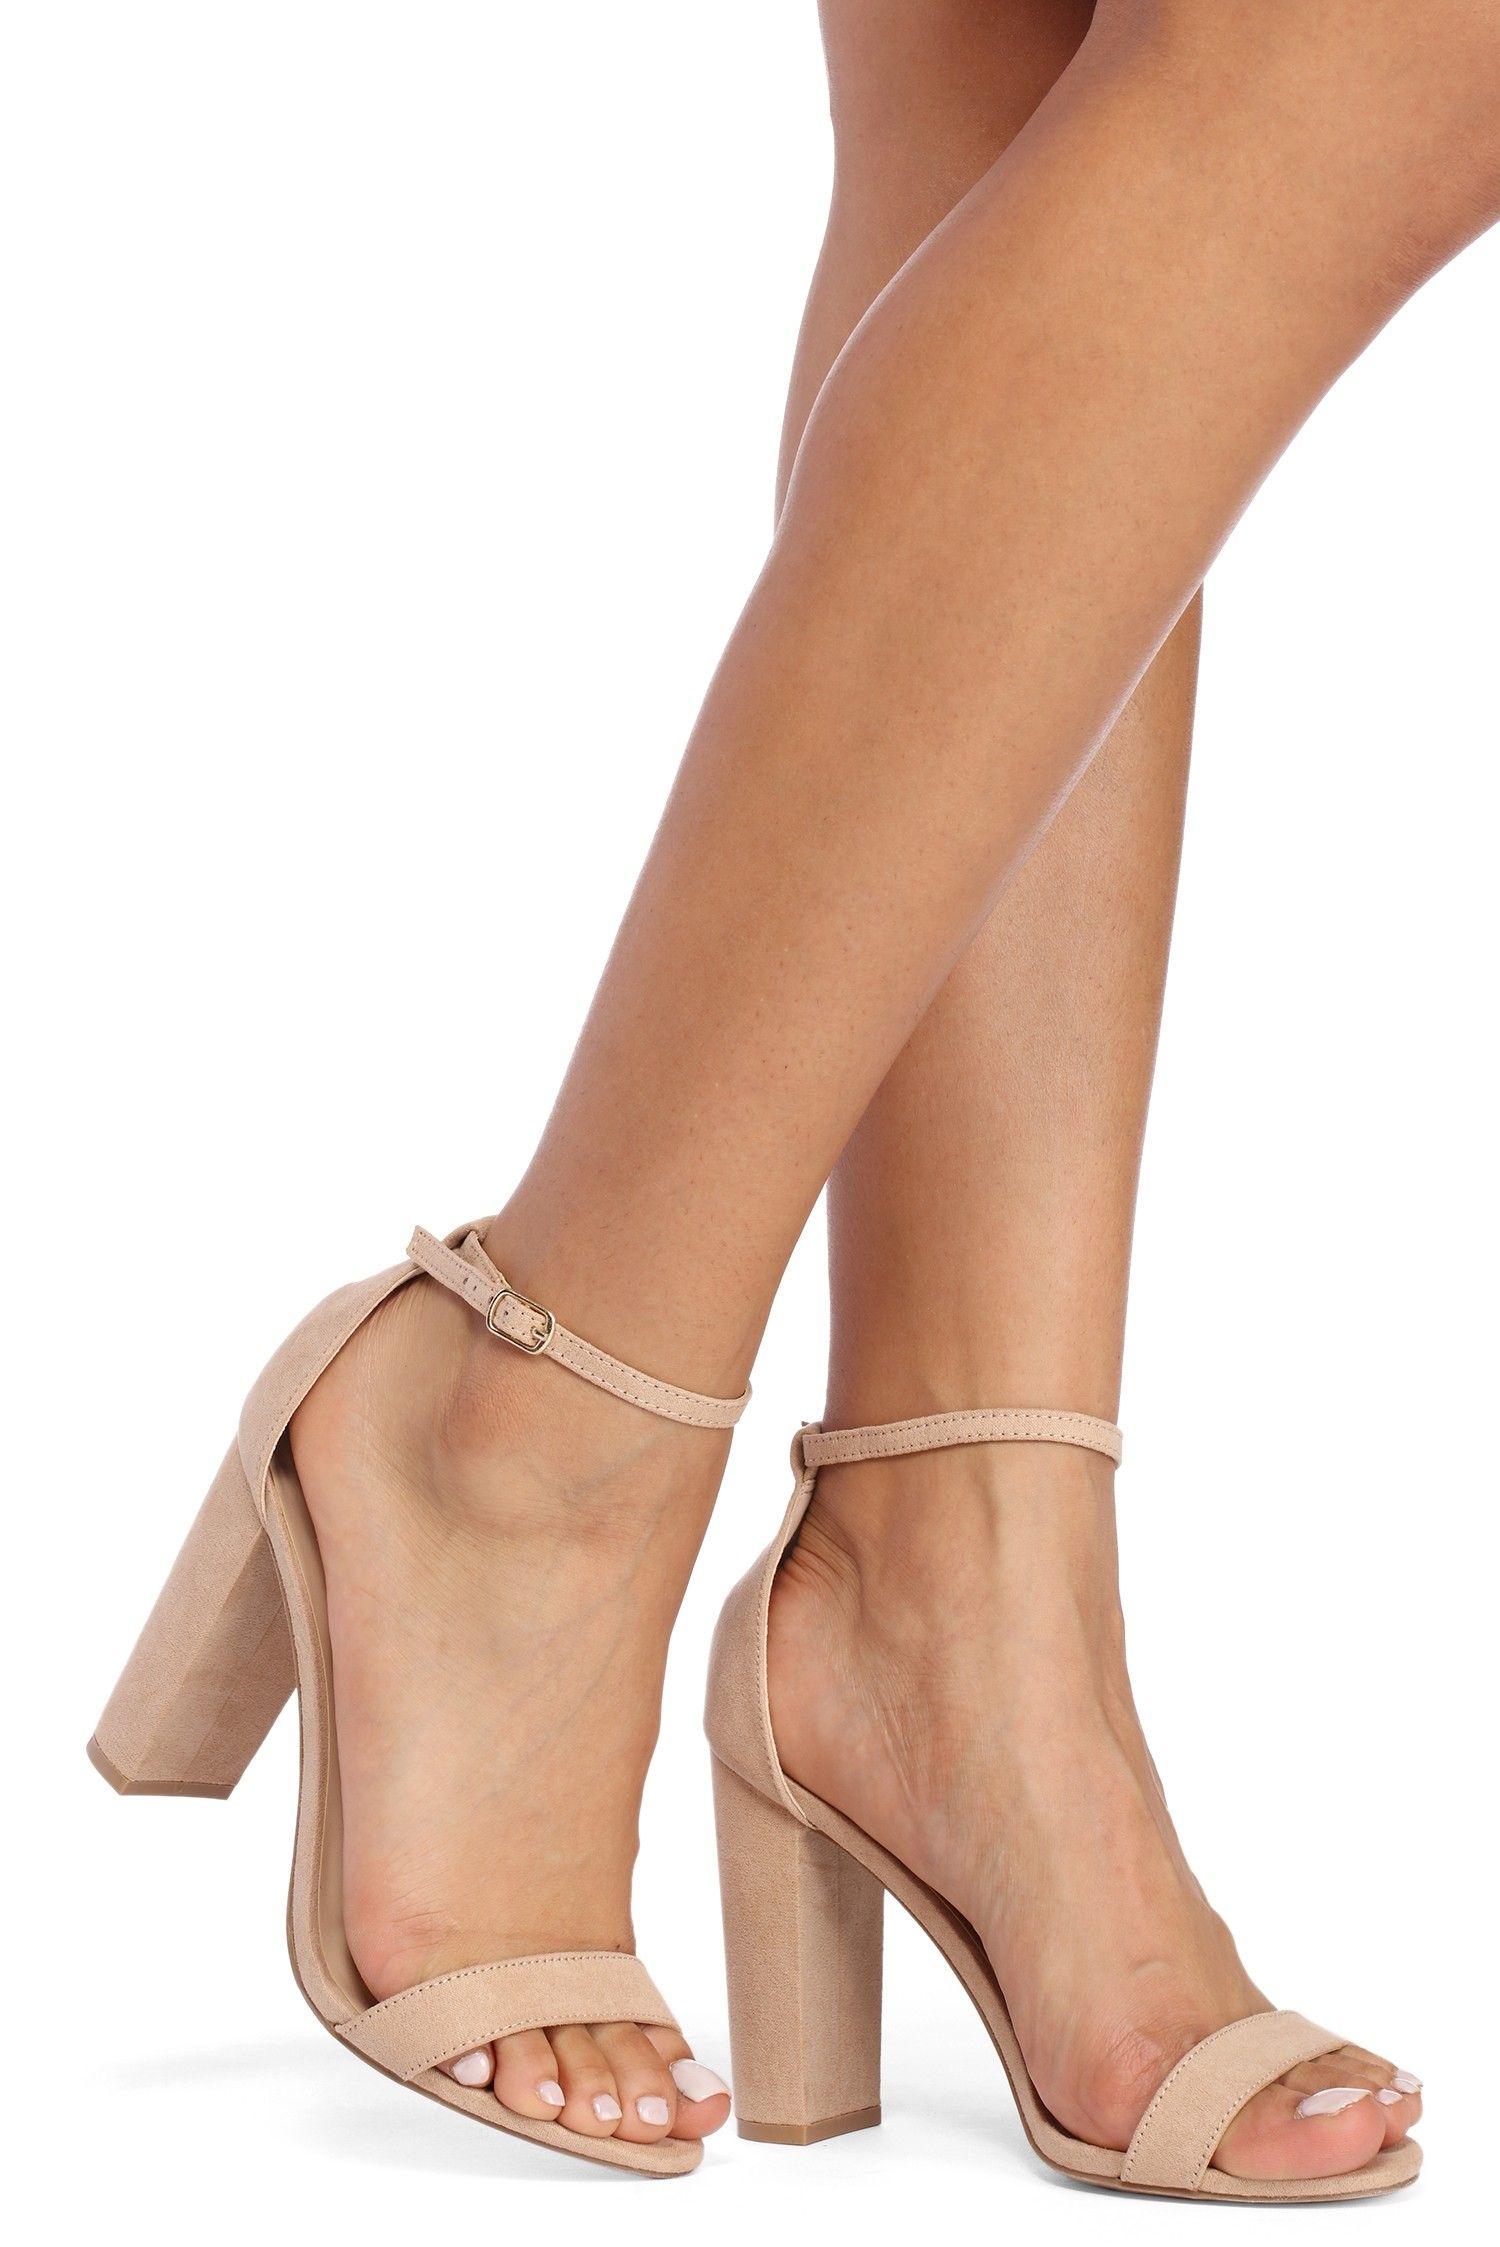 Women's Shoes | Heels, Pumps, Sandals, Wedges, Booties & Boots 3